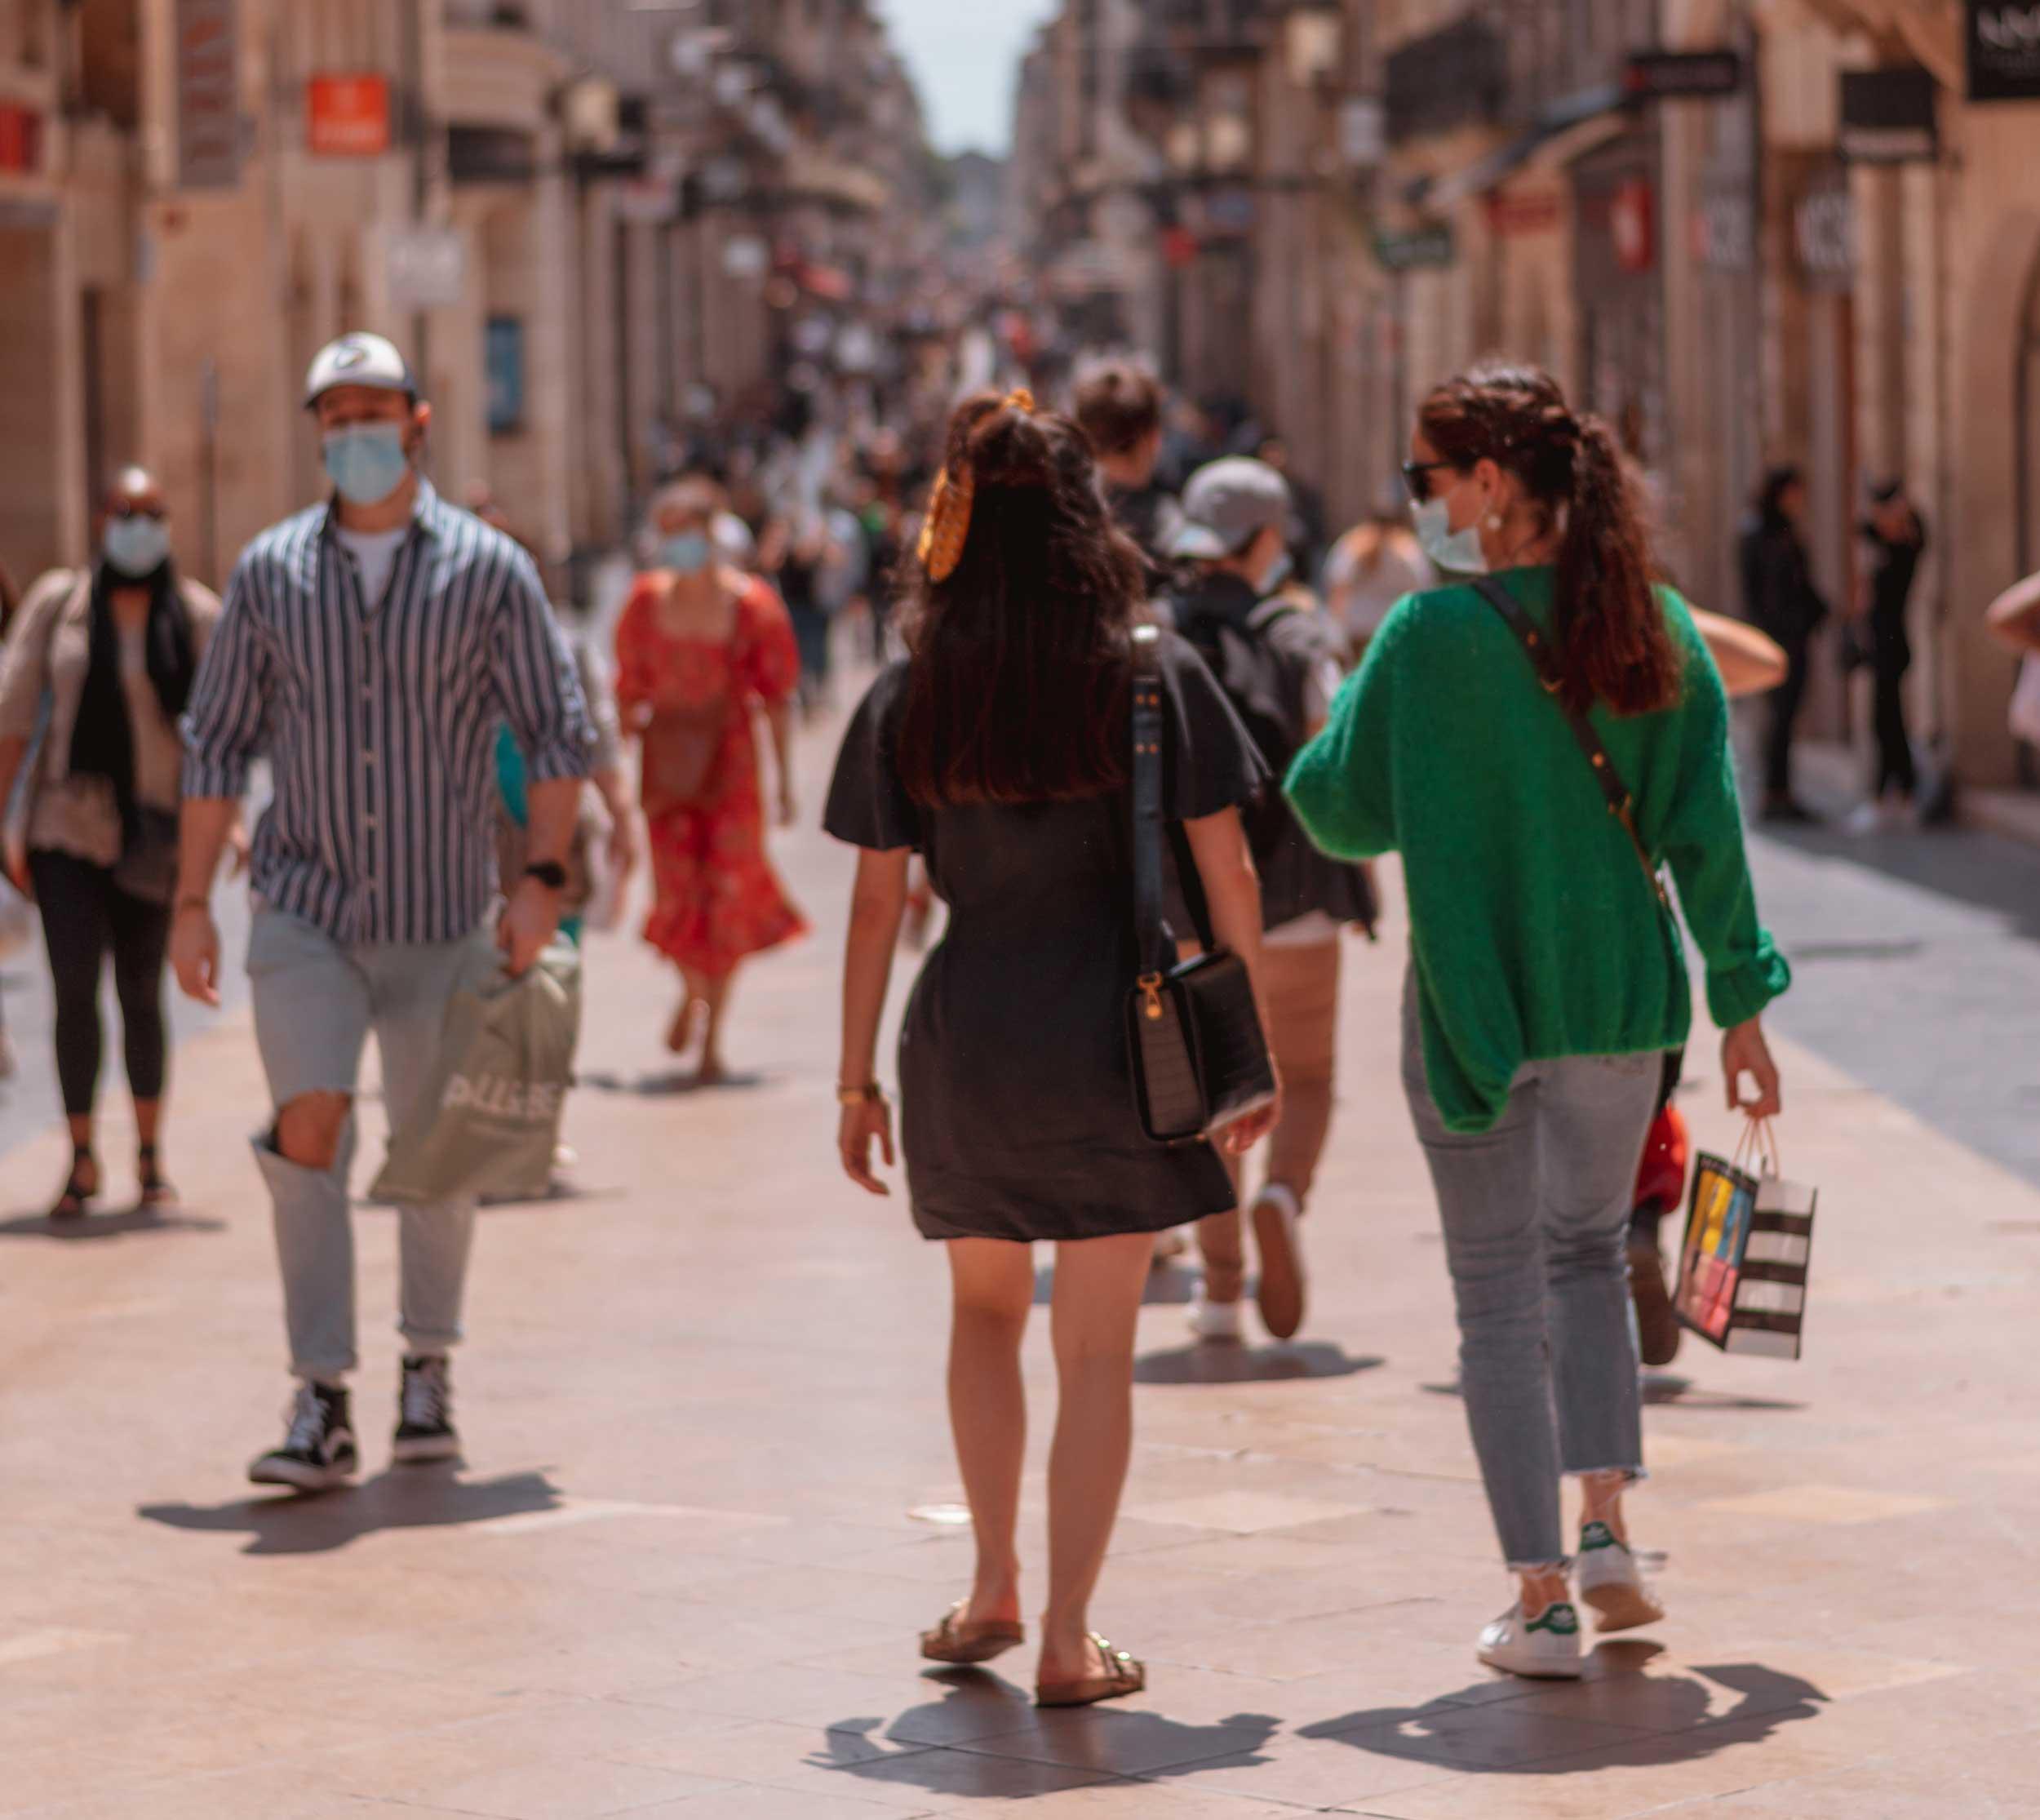 Deuxième vague de Covid-19 : le masque bientôt obligatoire dans les lieux publics clos ?